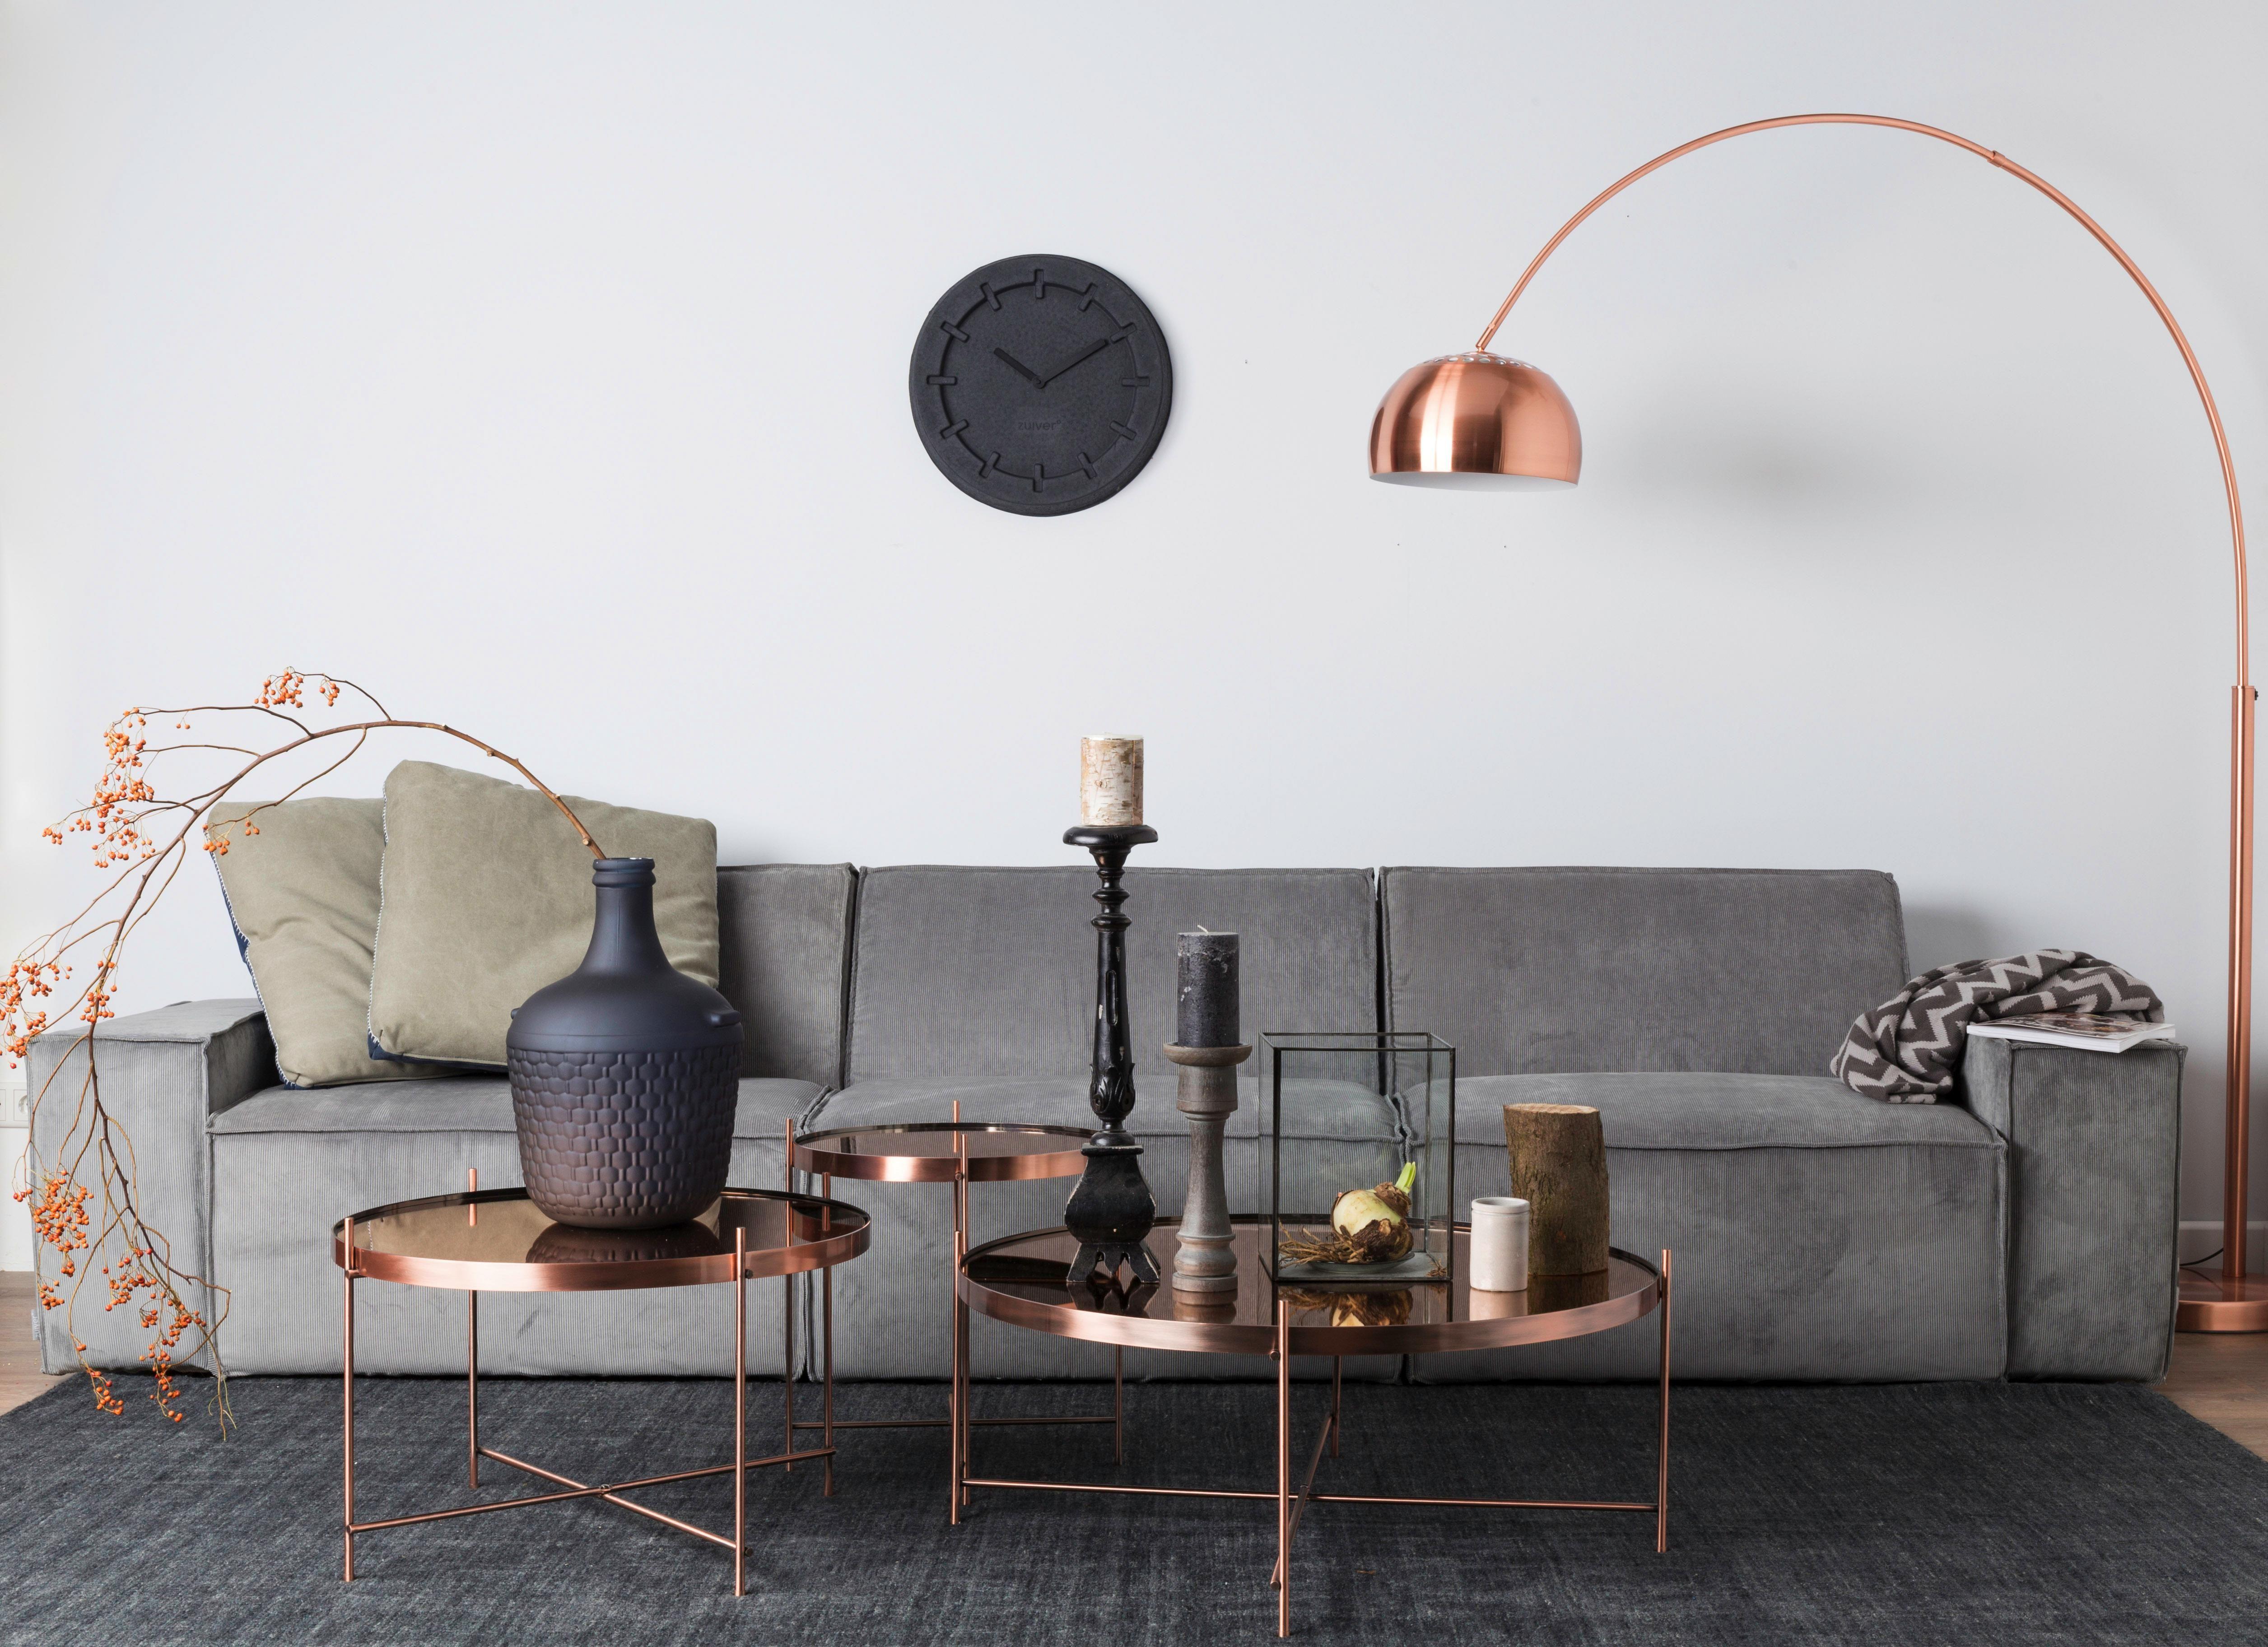 Kupfer Und Dunkle Töne Harmonieren Besonders Gut Miteinander. Das  Kupferfarbene Möbel überzeugt Durch Sein Minimalistisches Design Und Bietet  Ausreichend ...